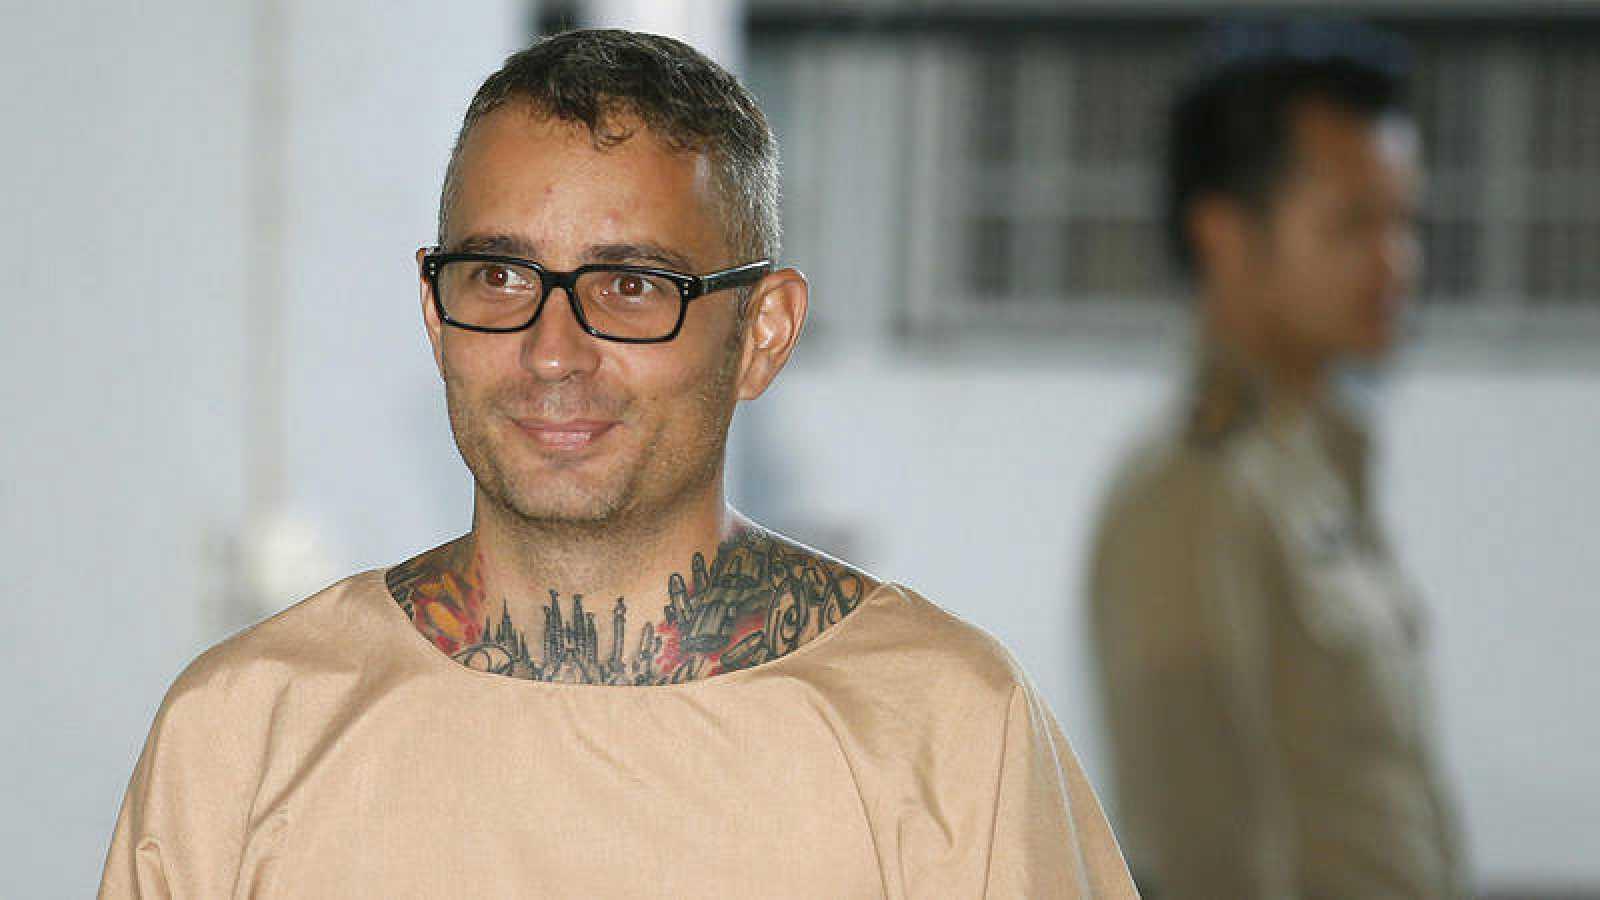 El español Artur Segarra, condenado por el asesinato de David Bernat